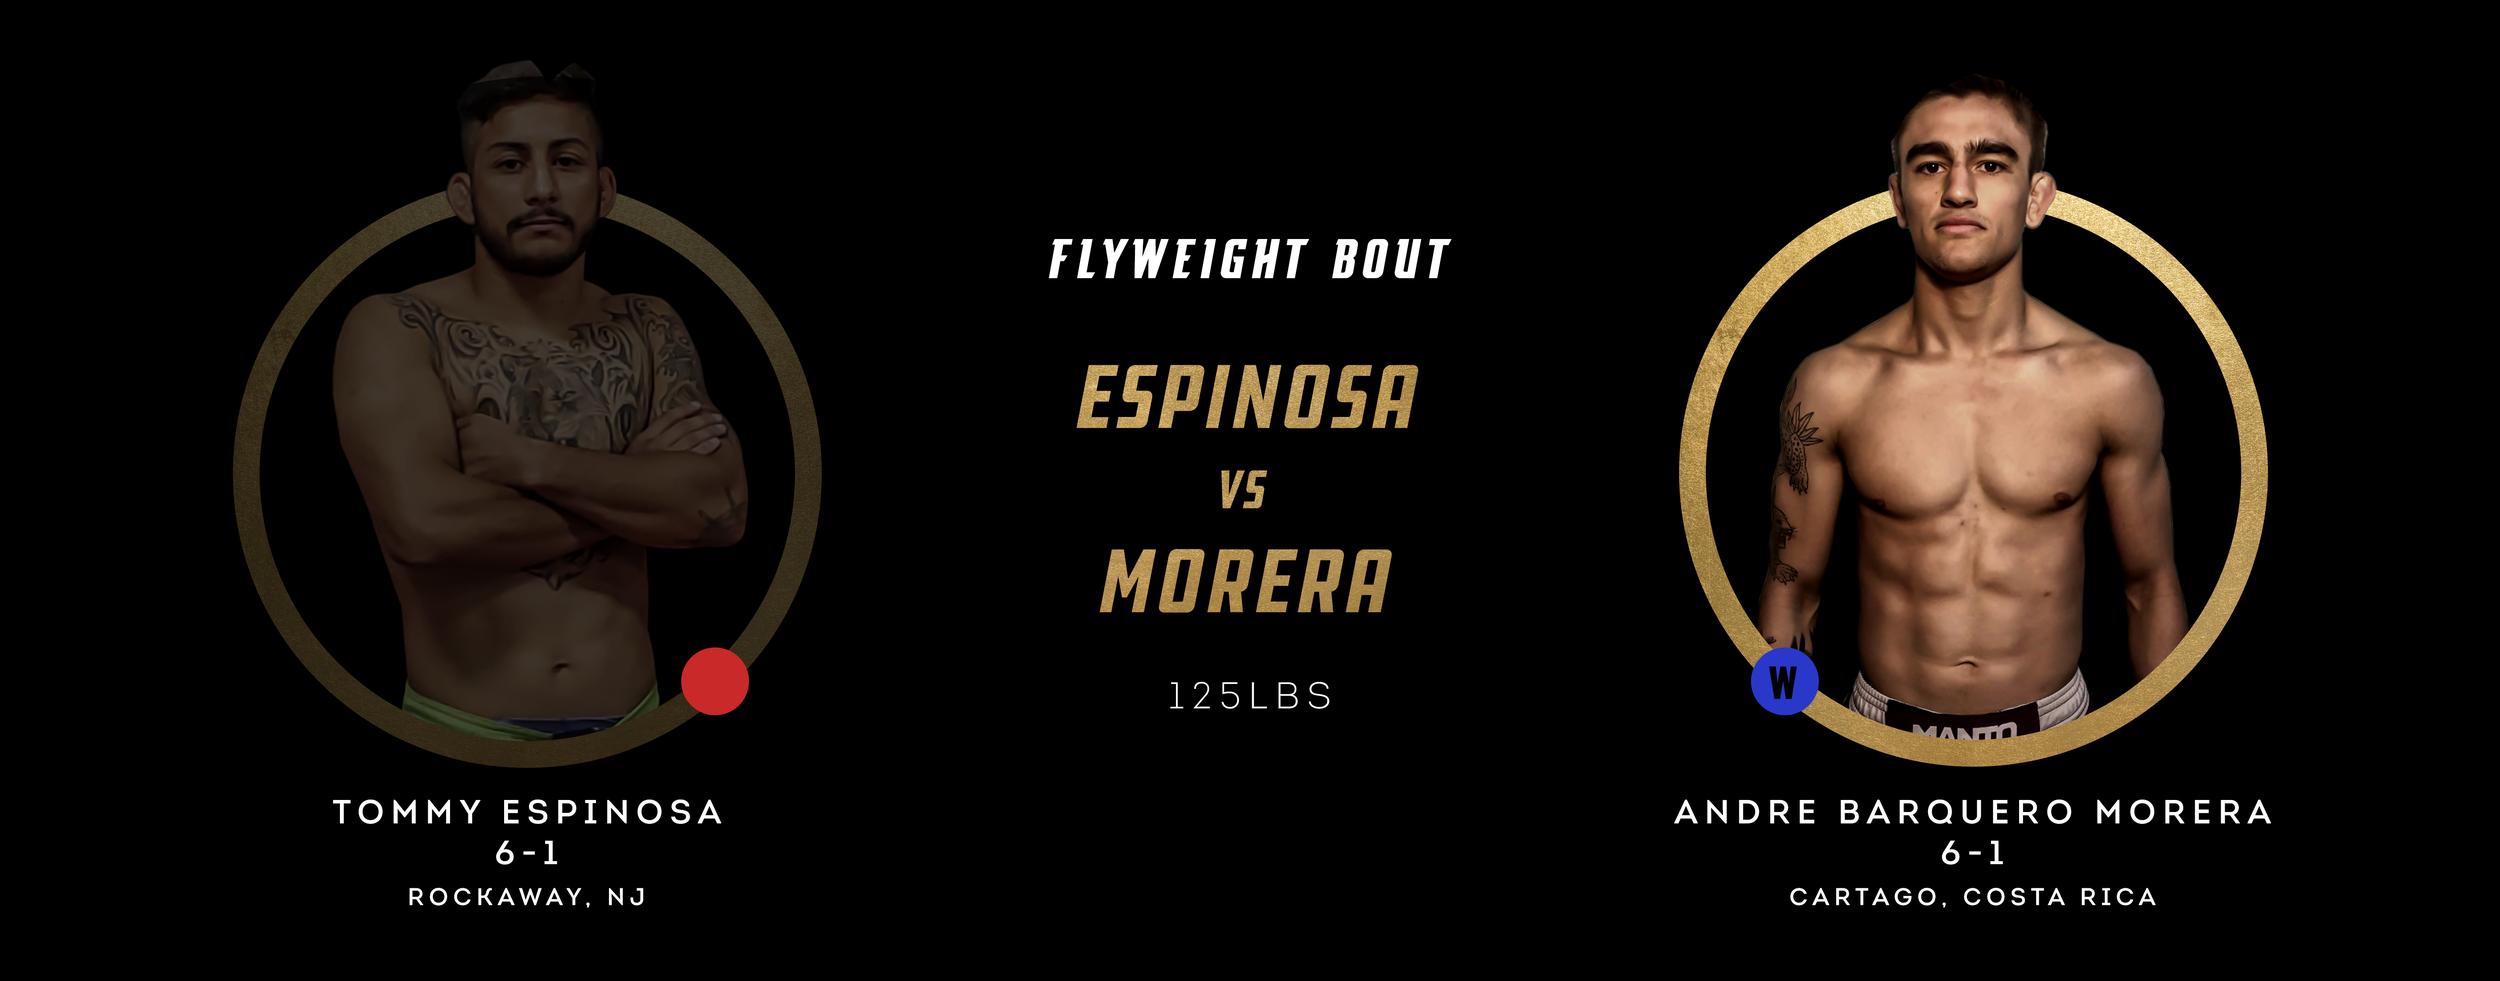 Espinosa_vs_Morera.png